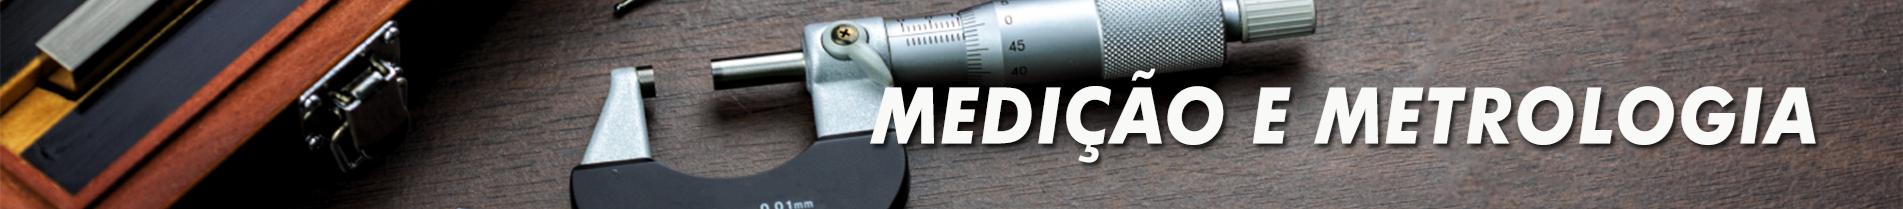 Abrafer Topo Medição e Metrologia